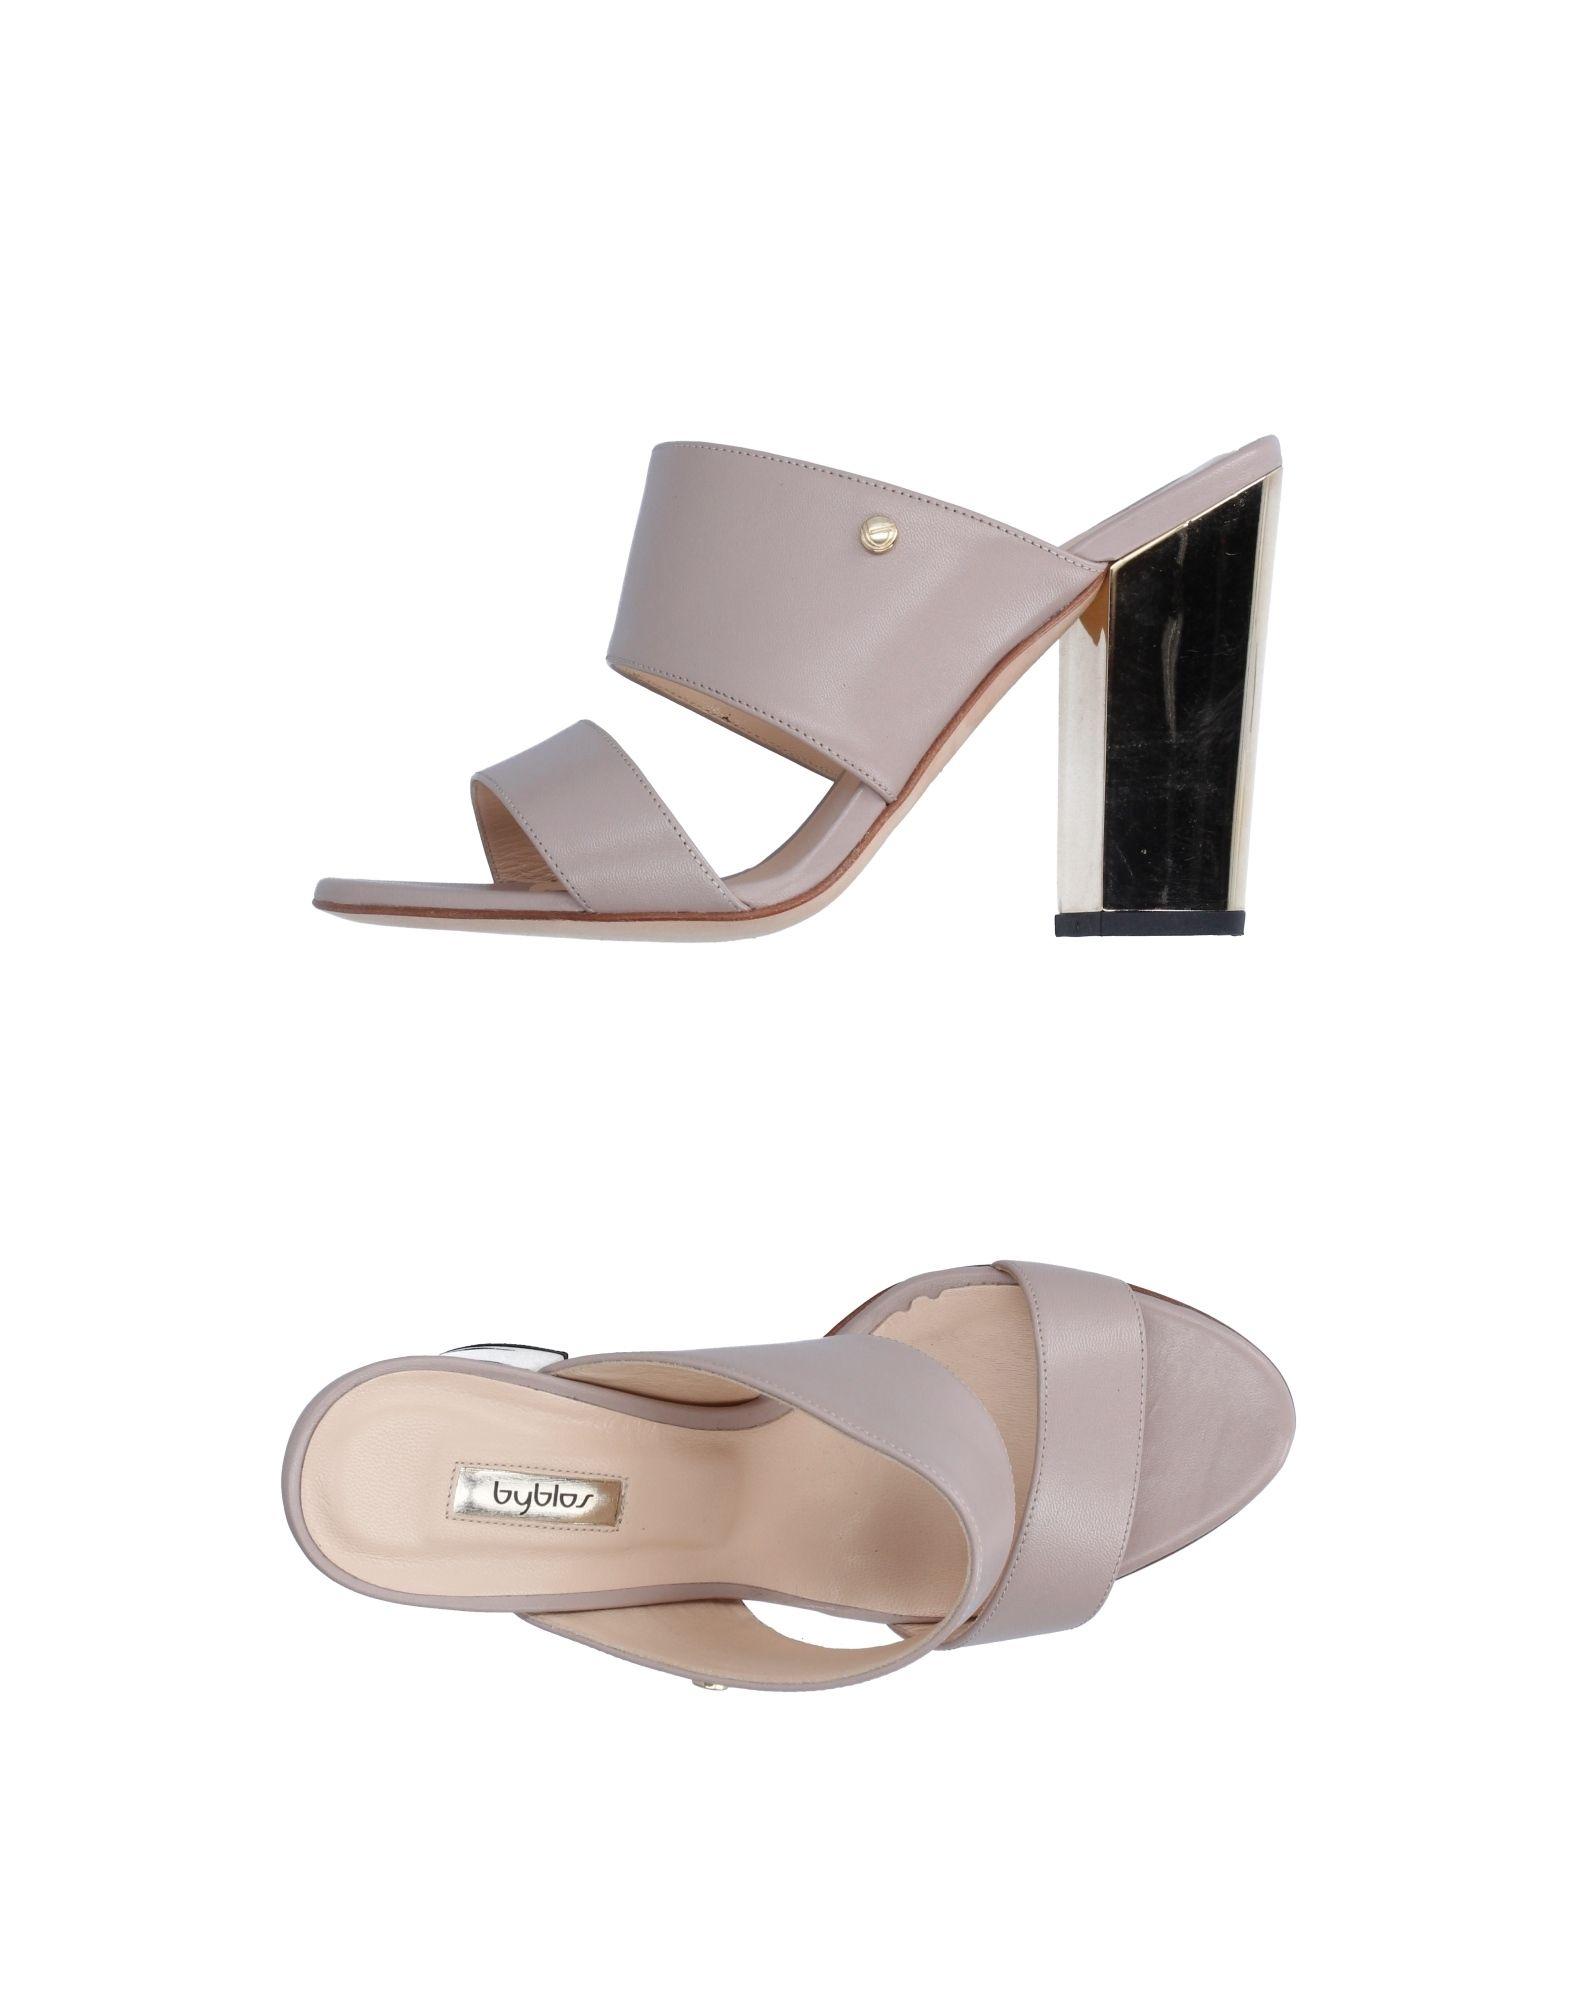 Byblos Sandalen Damen  11208762EN Gute Qualität beliebte Schuhe